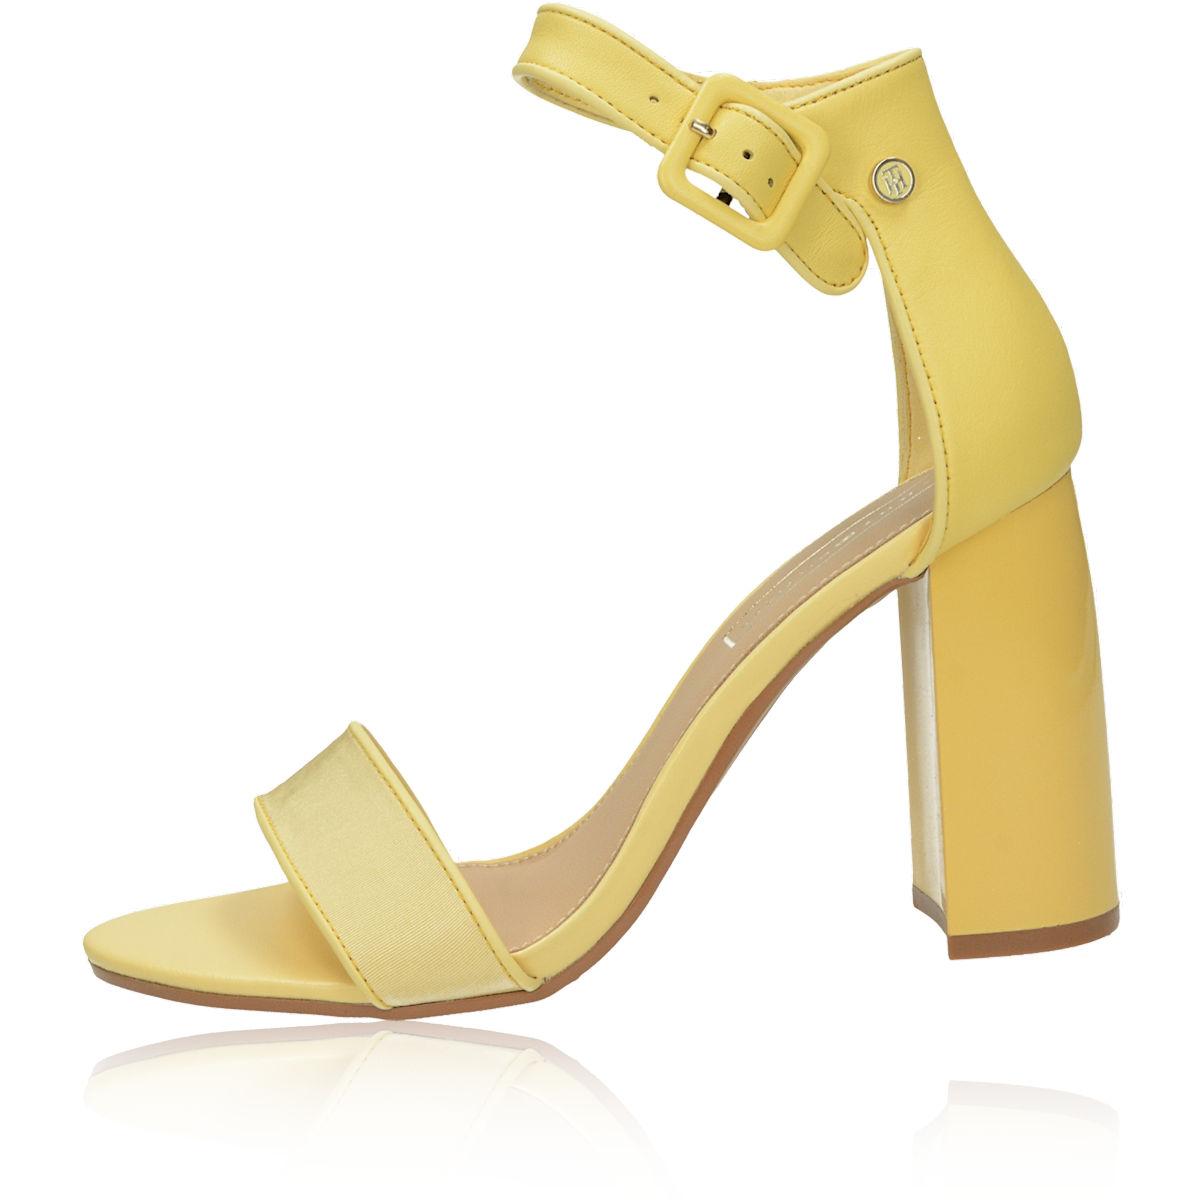 d119e4d0f3 Tommy Hilfiger dámske štýlové sandále na vysokom podpätku - žlté ...